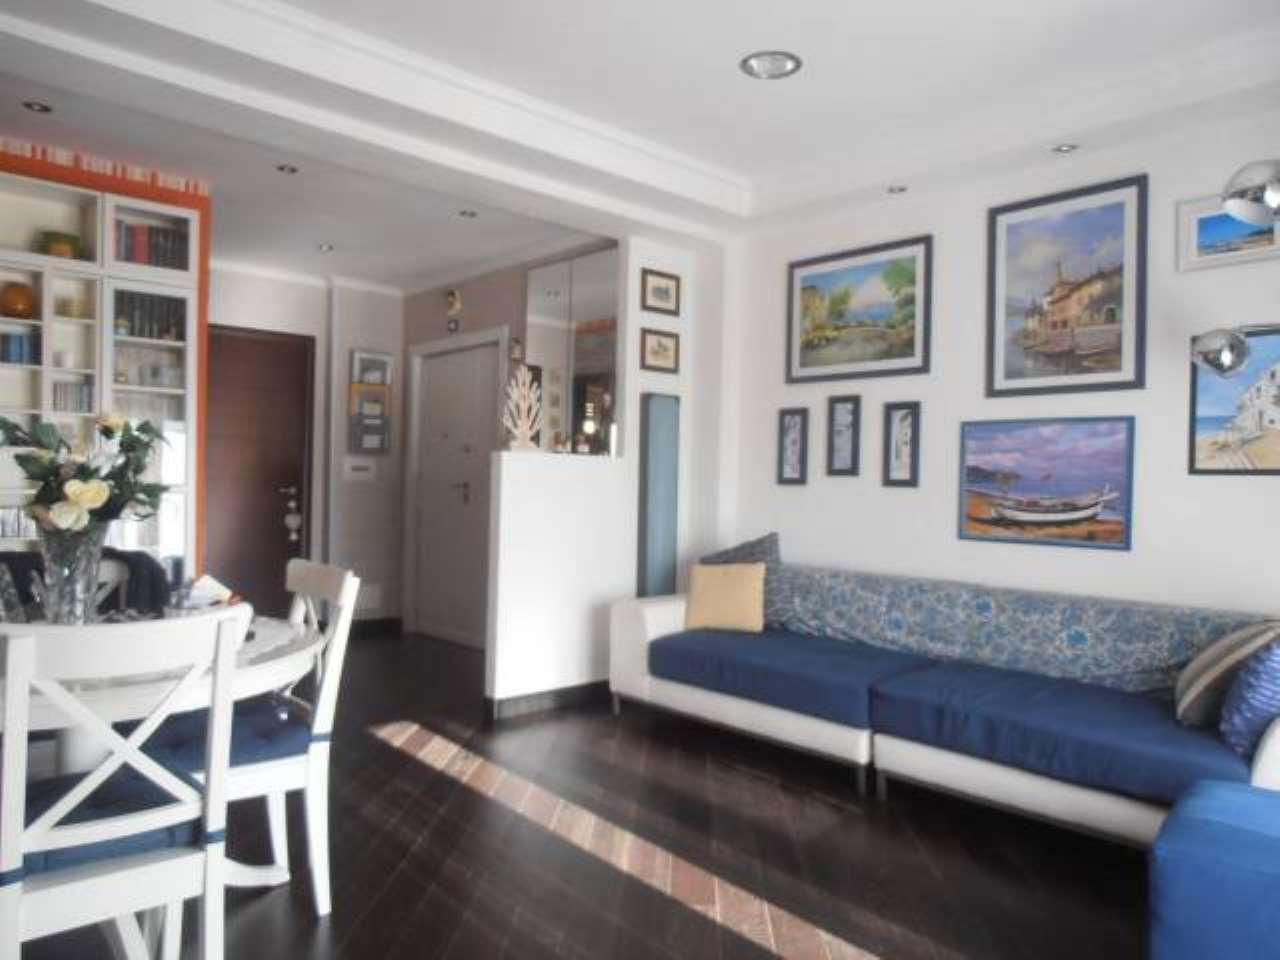 Attico / Mansarda in vendita a Ariccia, 5 locali, prezzo € 219.000 | Cambio Casa.it